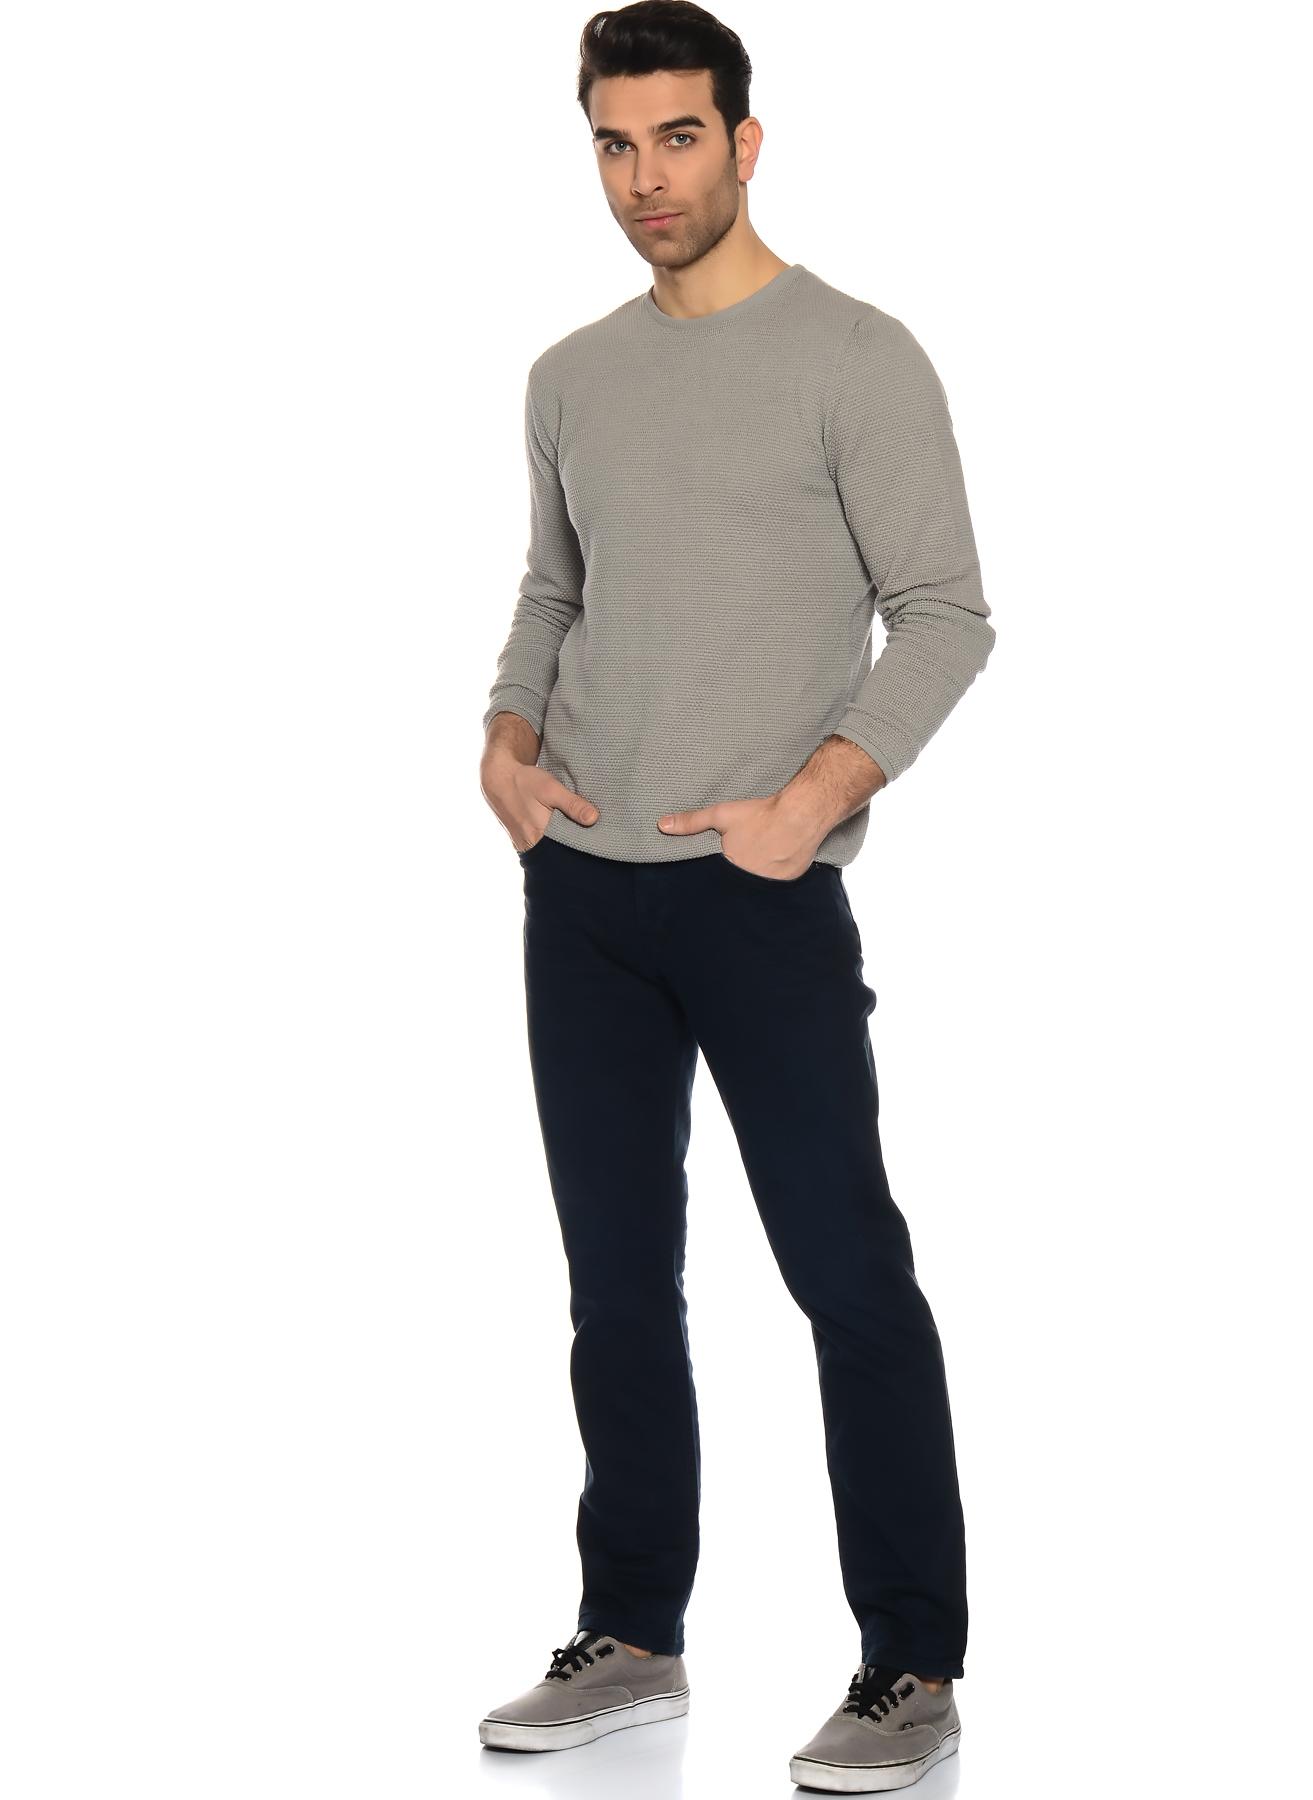 Loft Lacivert Klasik Pantolon 33-34 5000146229009 Ürün Resmi